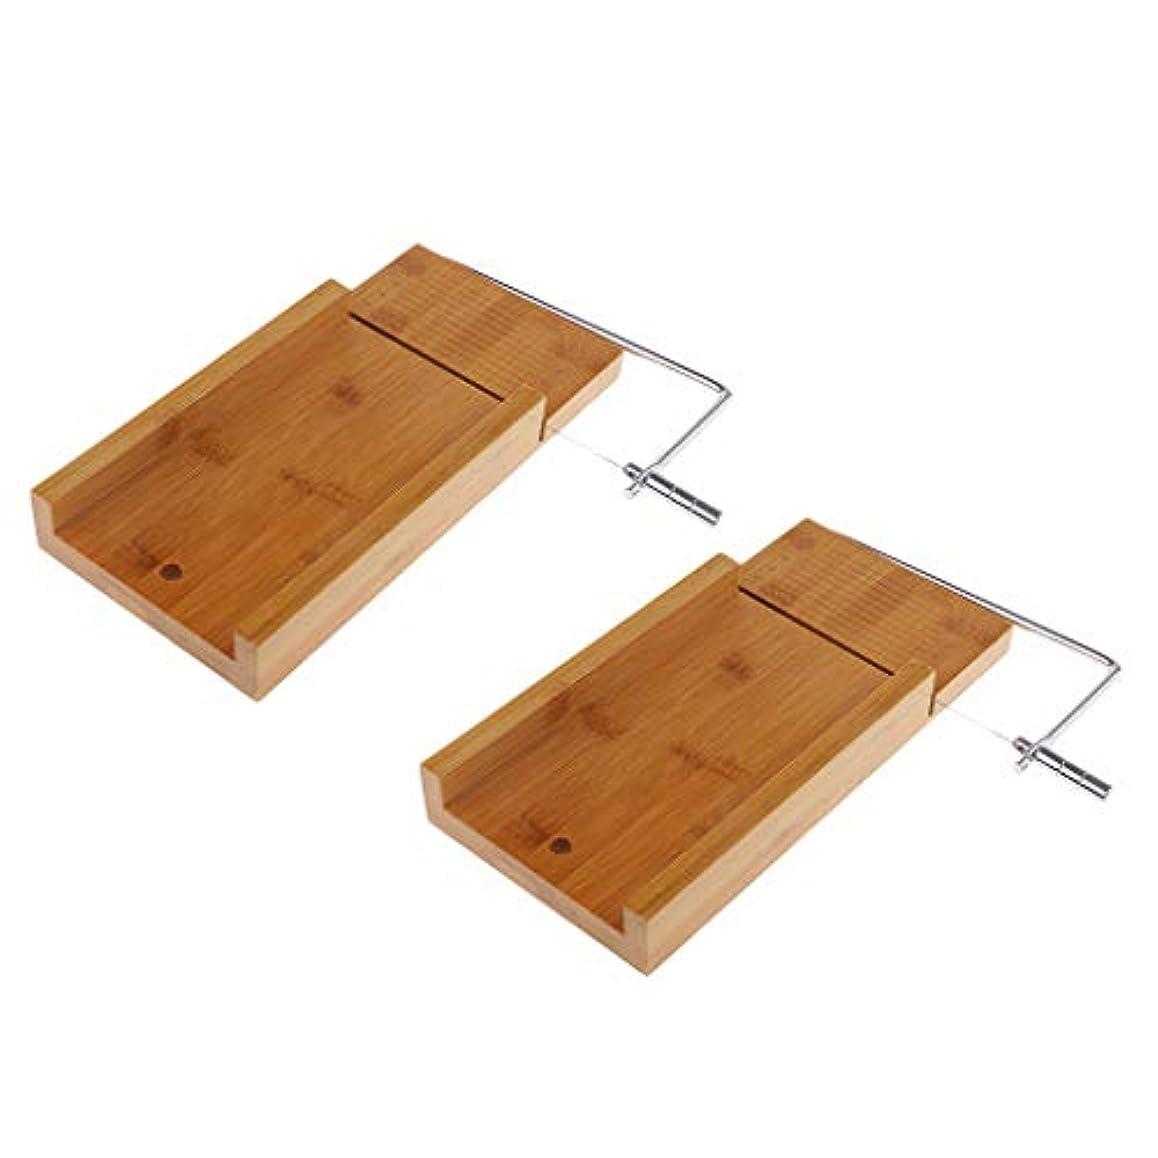 間隔最初モネD DOLITY ソープカッター 台 木質 チーズナイフ せっけんカッター ワイヤー ソープスライサー 2個入り